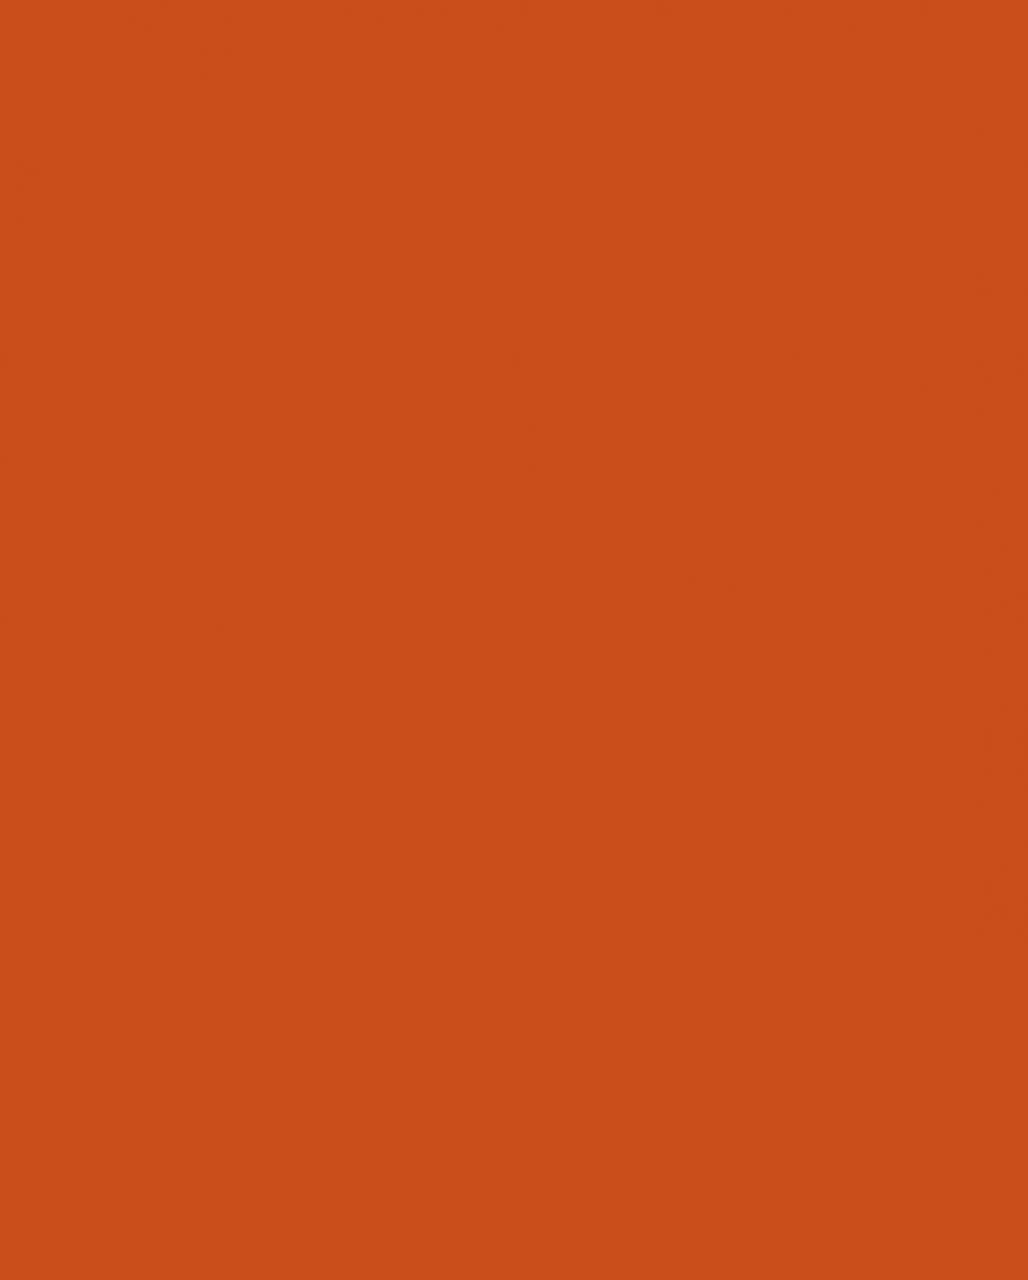 7176 Flame (MF PB sample)